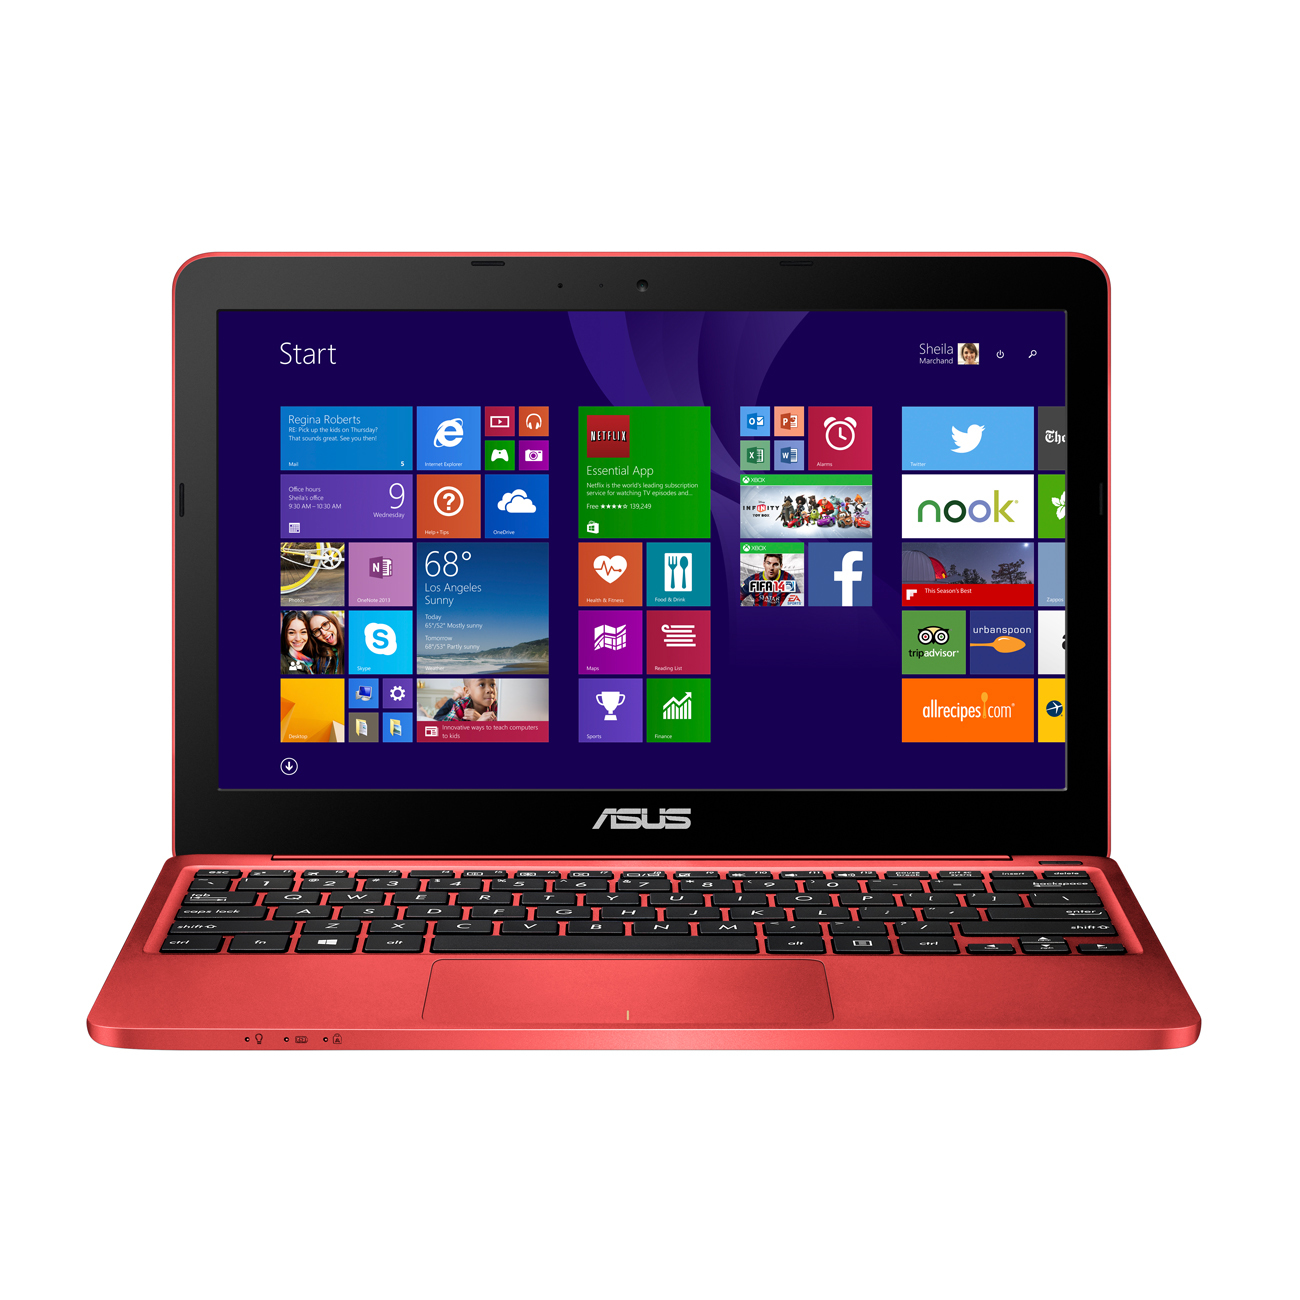 ASUS EeeBook F205TA-FD0064TS (Rot)